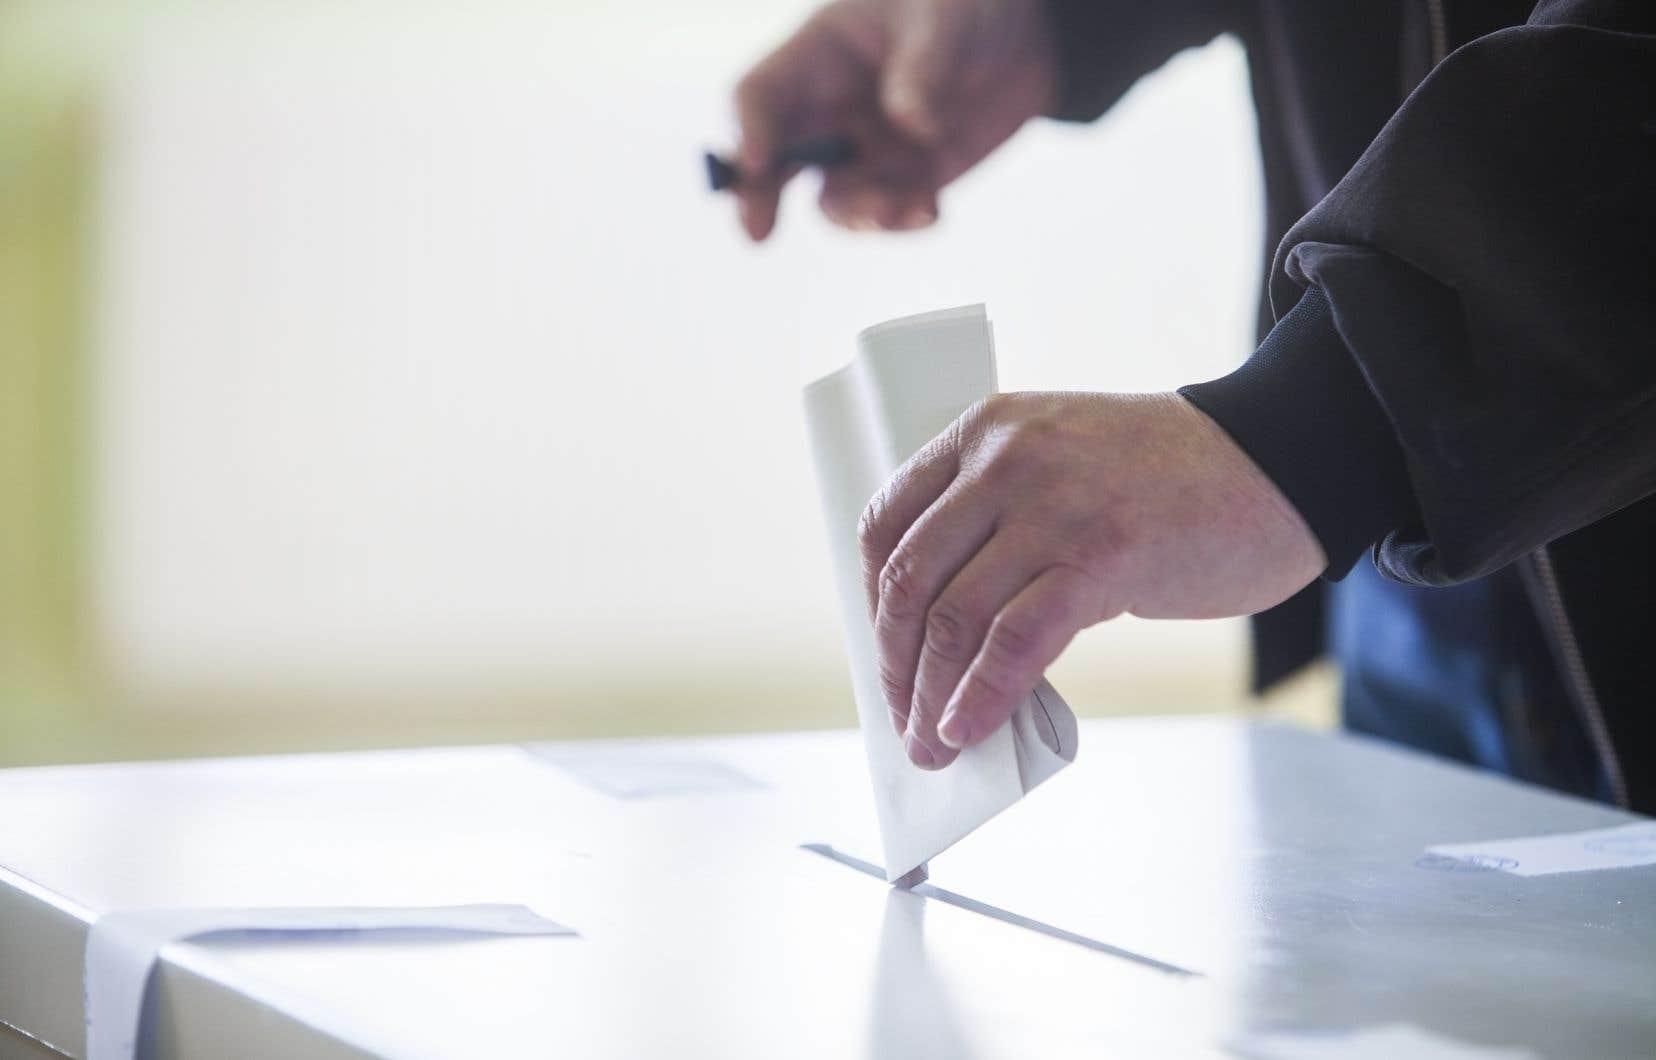 Ce n'est qu'un début: la campagne 2018 sera comme d'habitude le point de chute de nombreux sondages. Quelle valeur leur accorder?